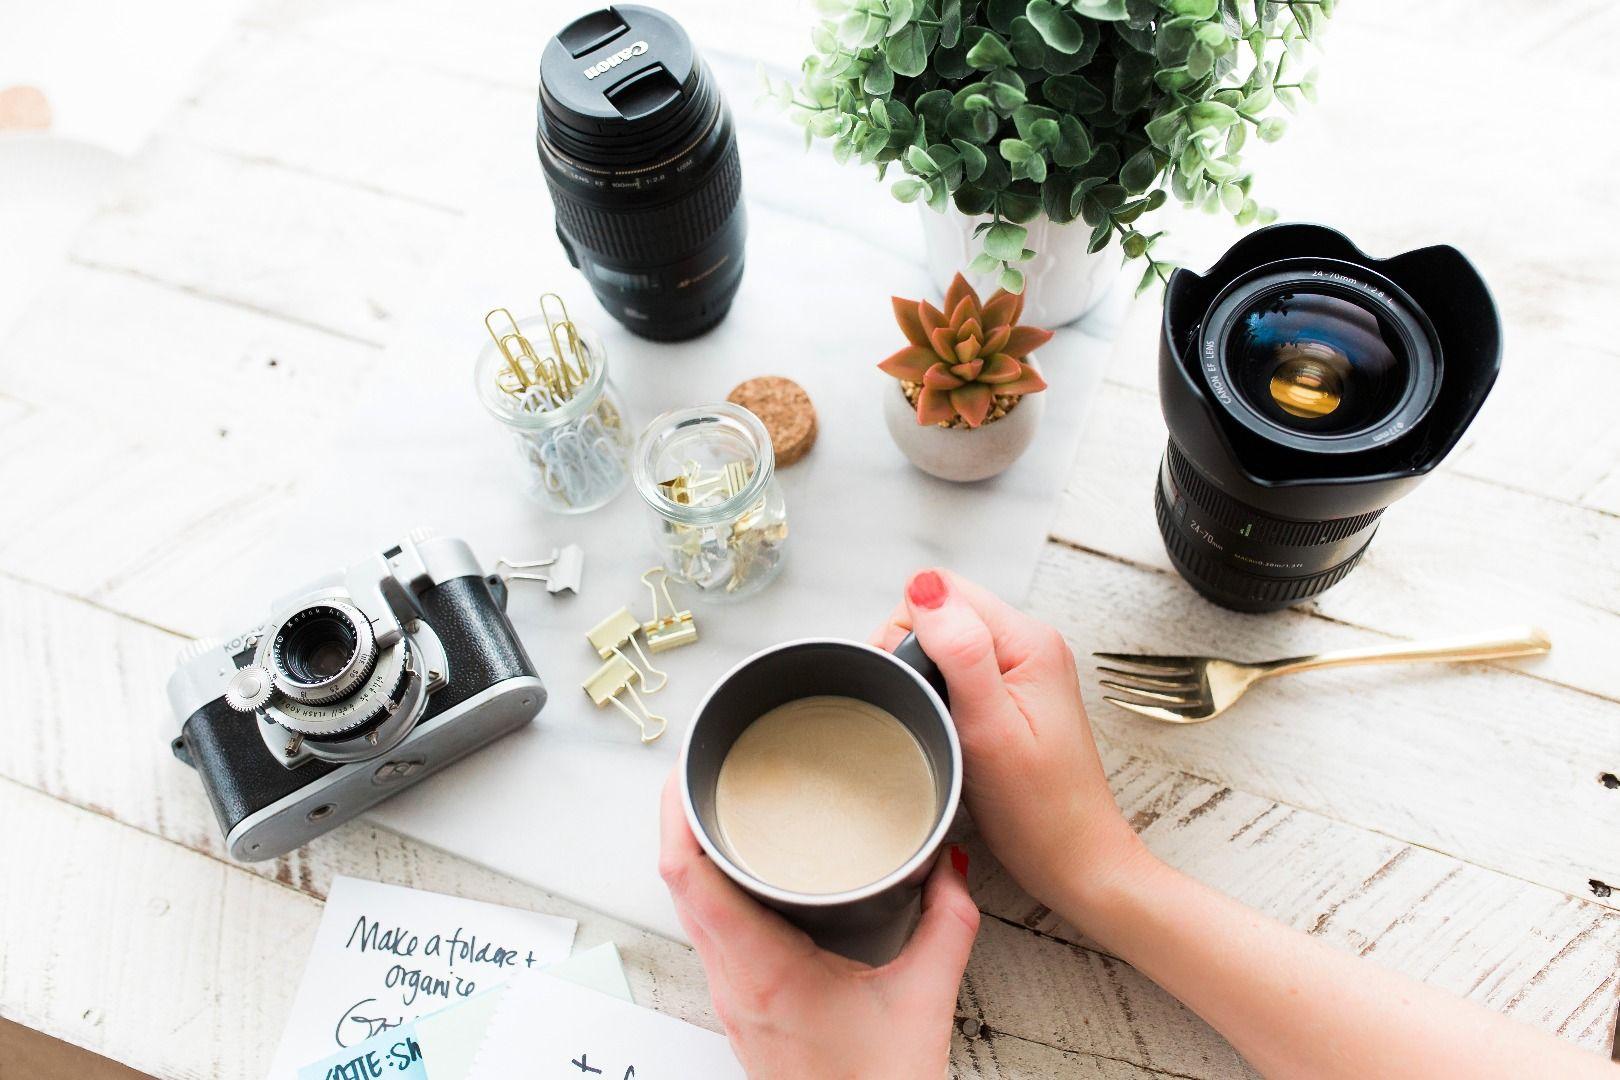 Nouveaux modèles coup de cœur pour un café cold brew